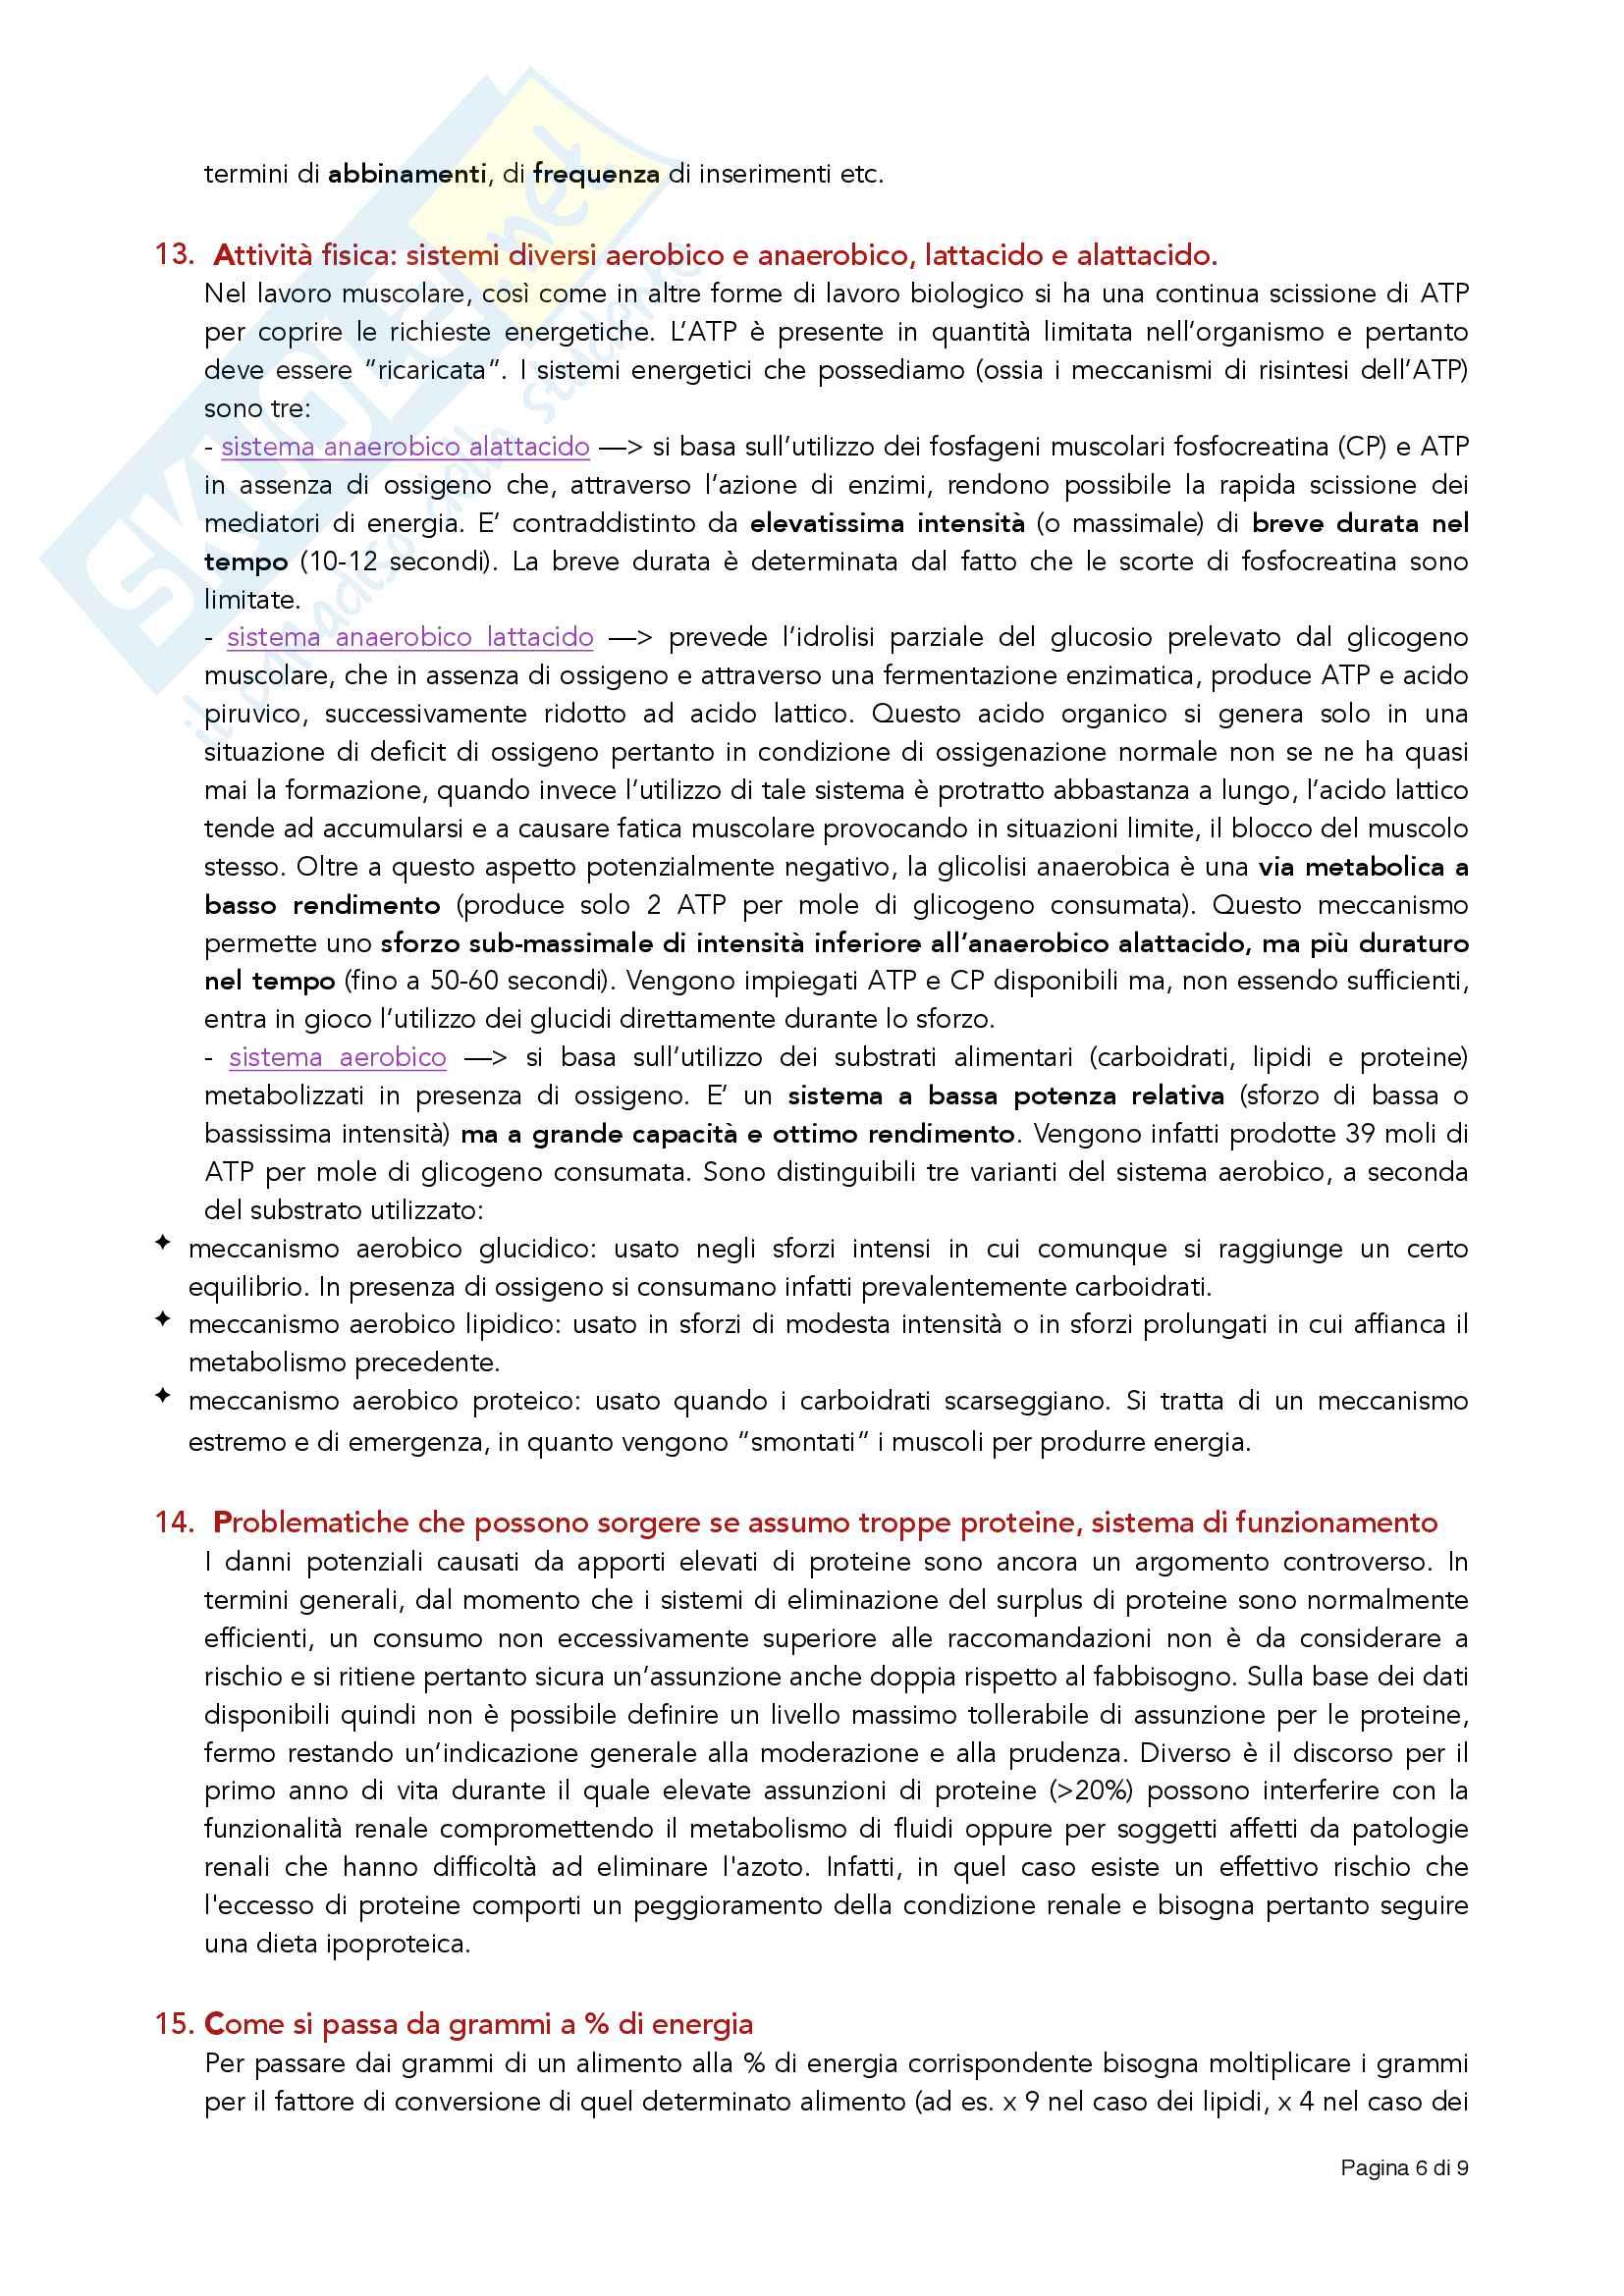 Principali domande (e risposte) date agli esami di nutrizione delle collettività Pag. 6